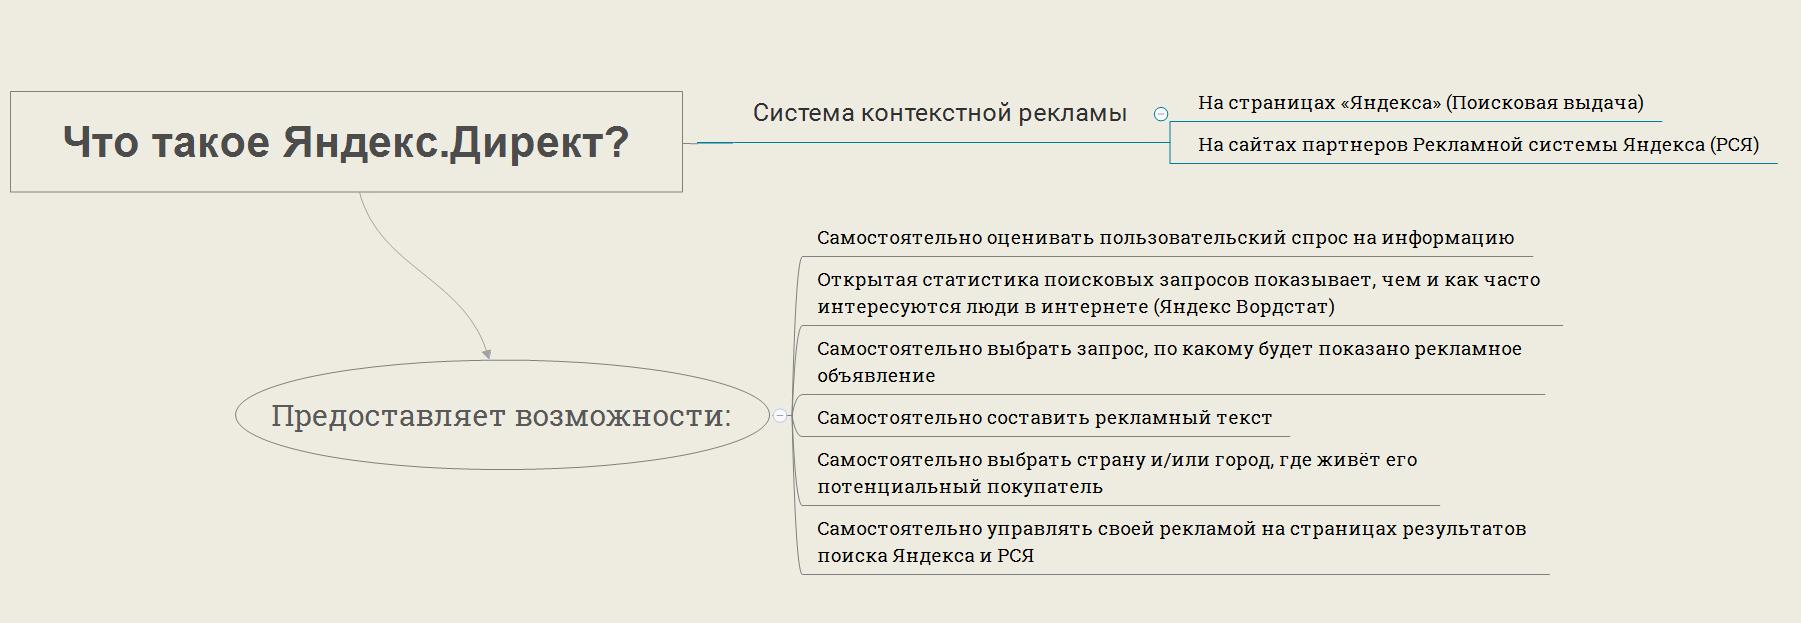 Что такое яндекс директ? Виды и возможности. Инфографика-схема.